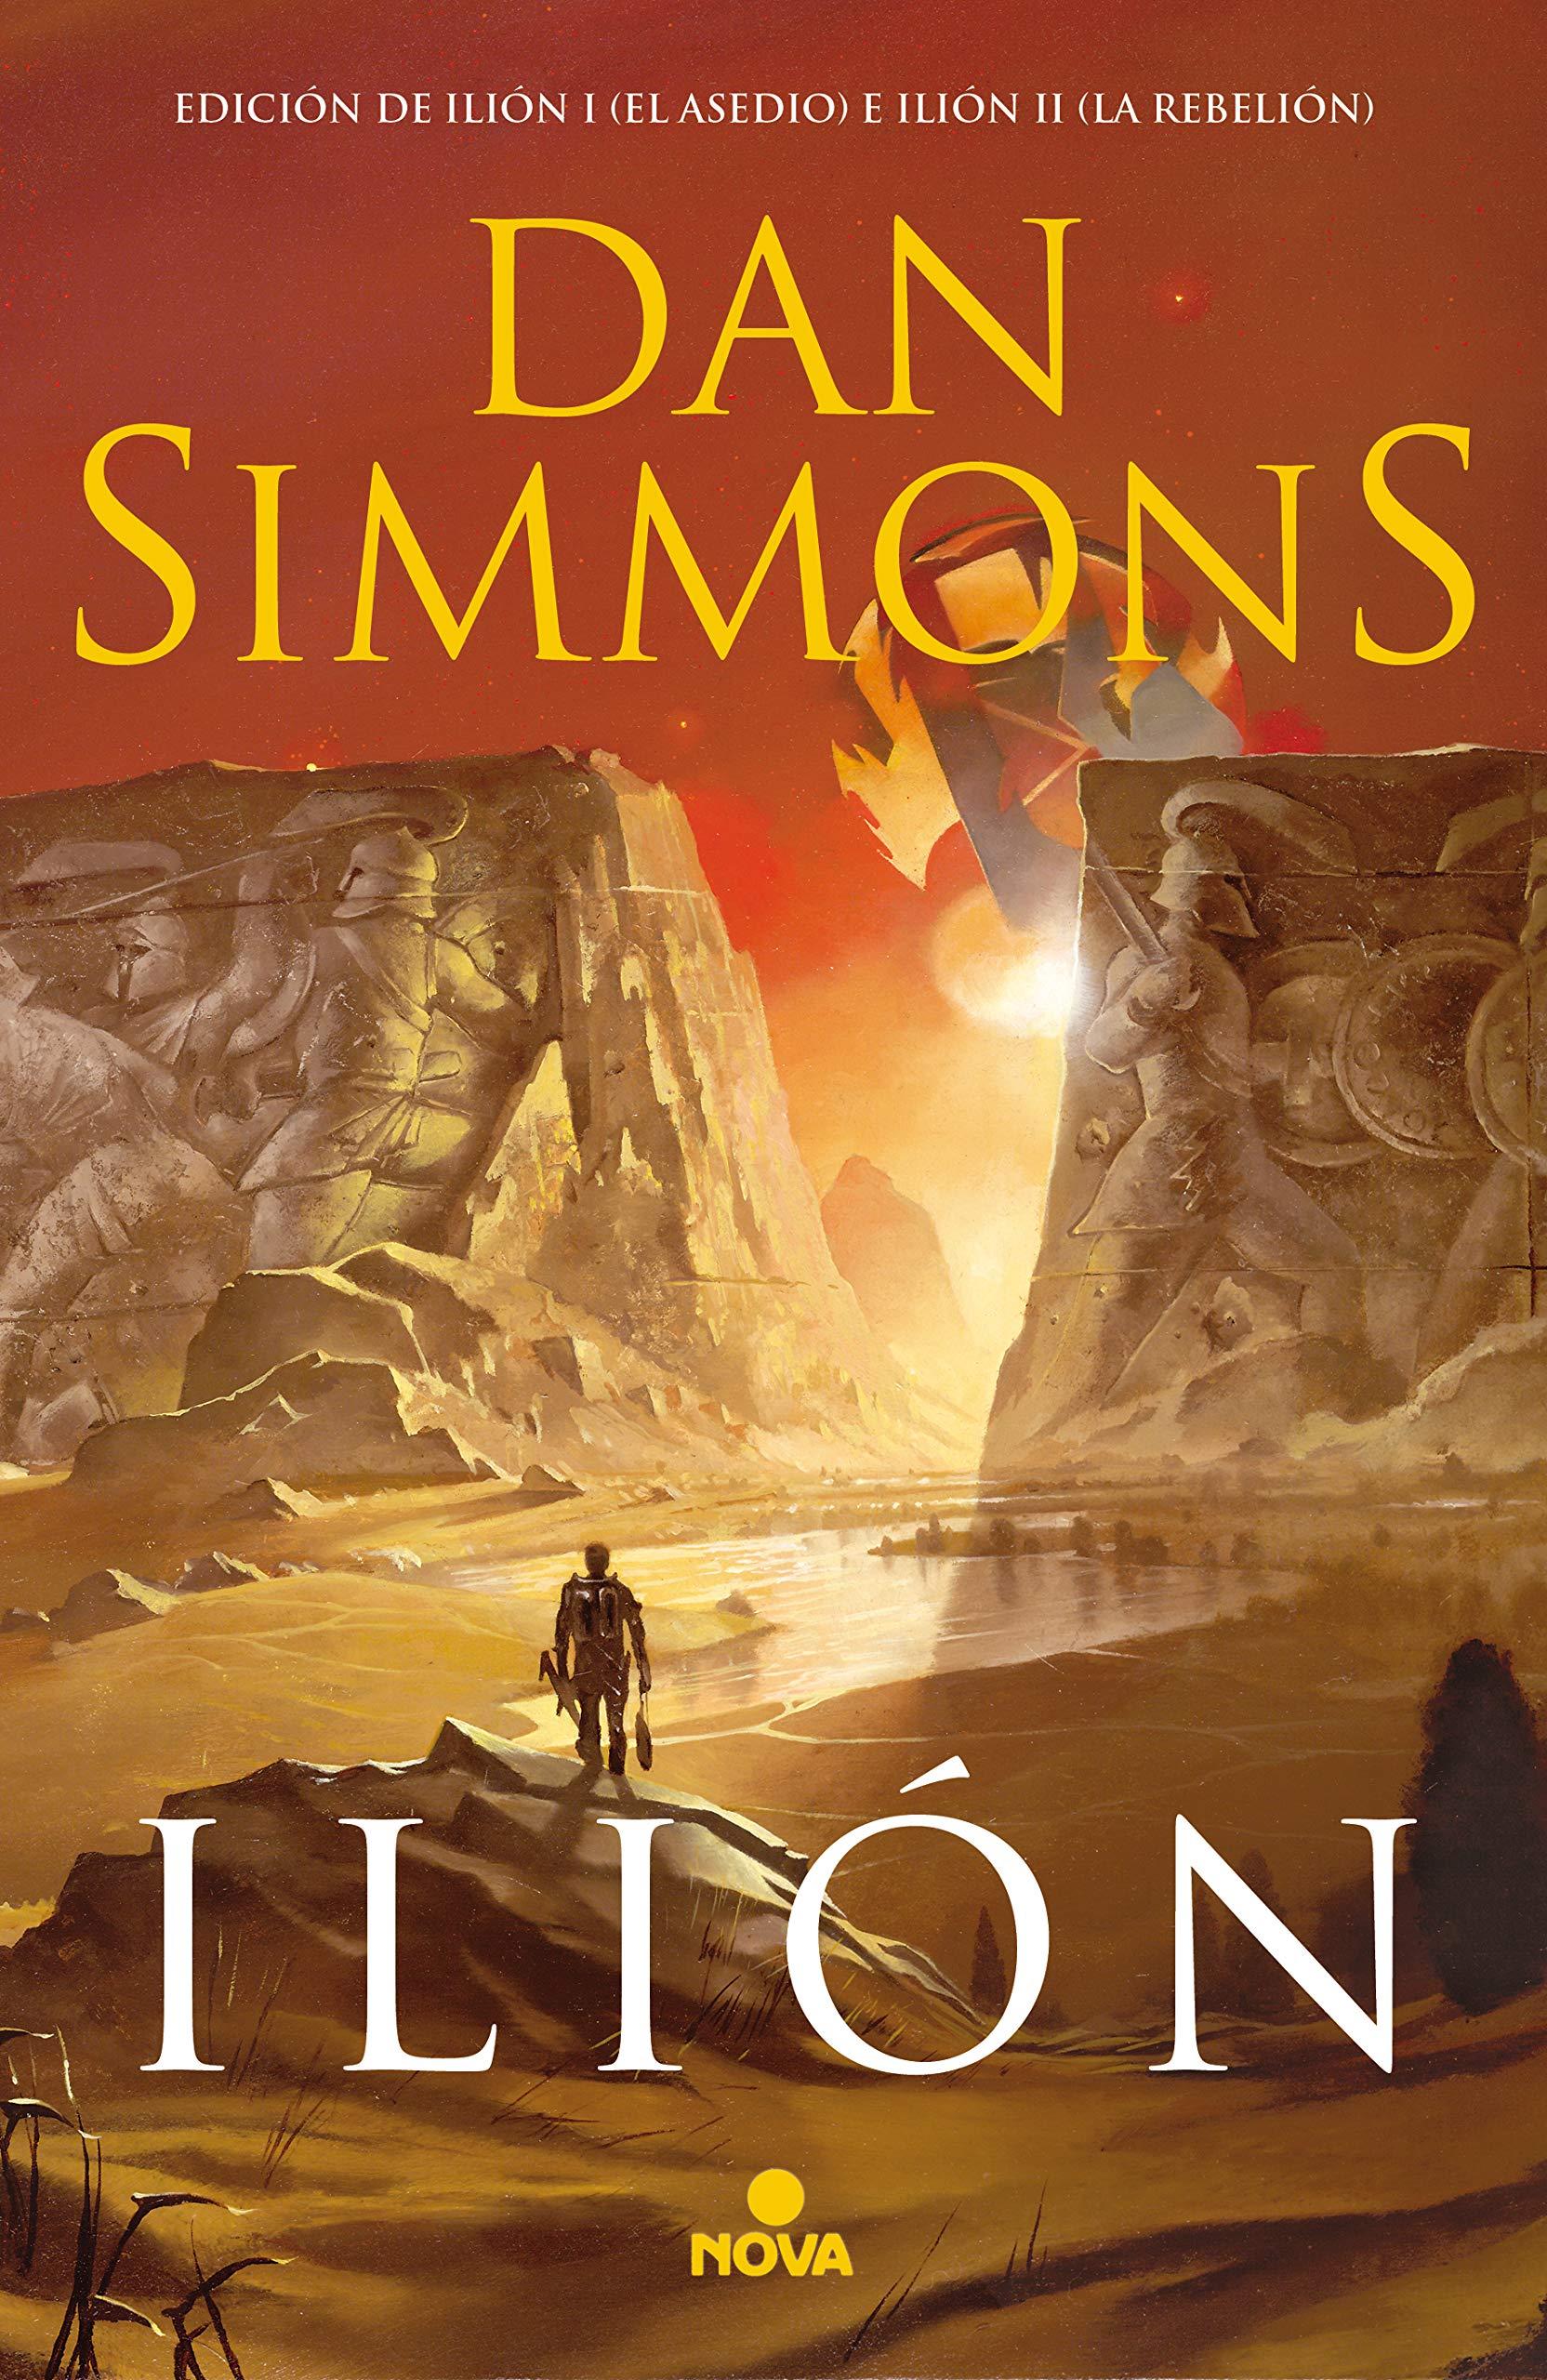 Ilión: Edición de Ilión I (El asedio) e Ilión II (La Rebelión)